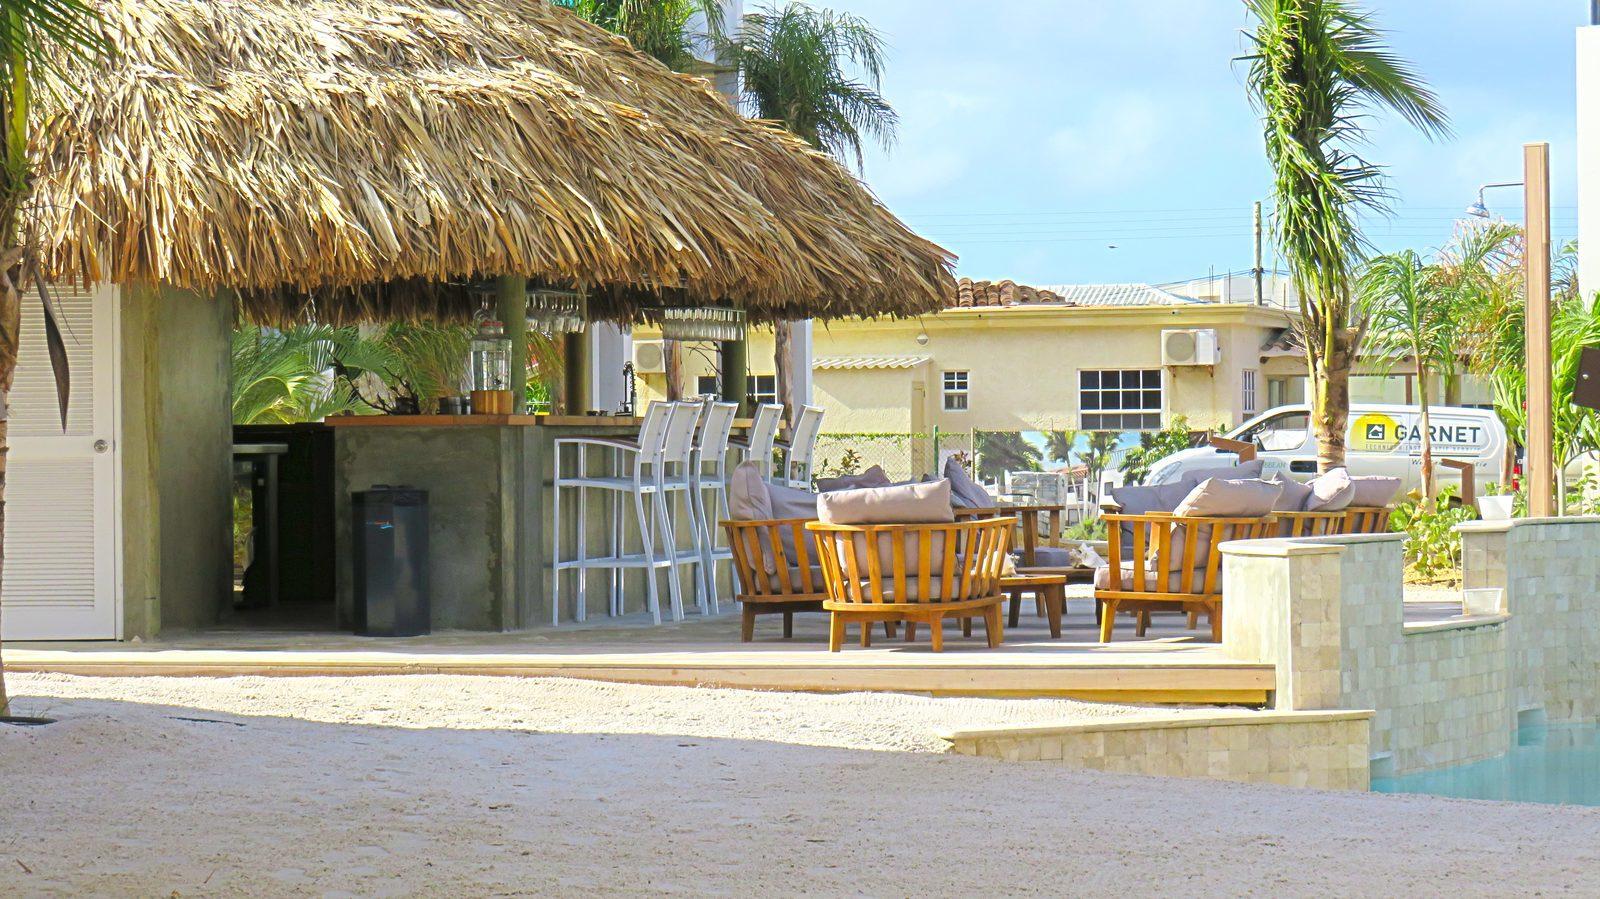 ¿Buscas una casa para alquilar en Bonaire? Echa un vistazo en Resort Bonaire.